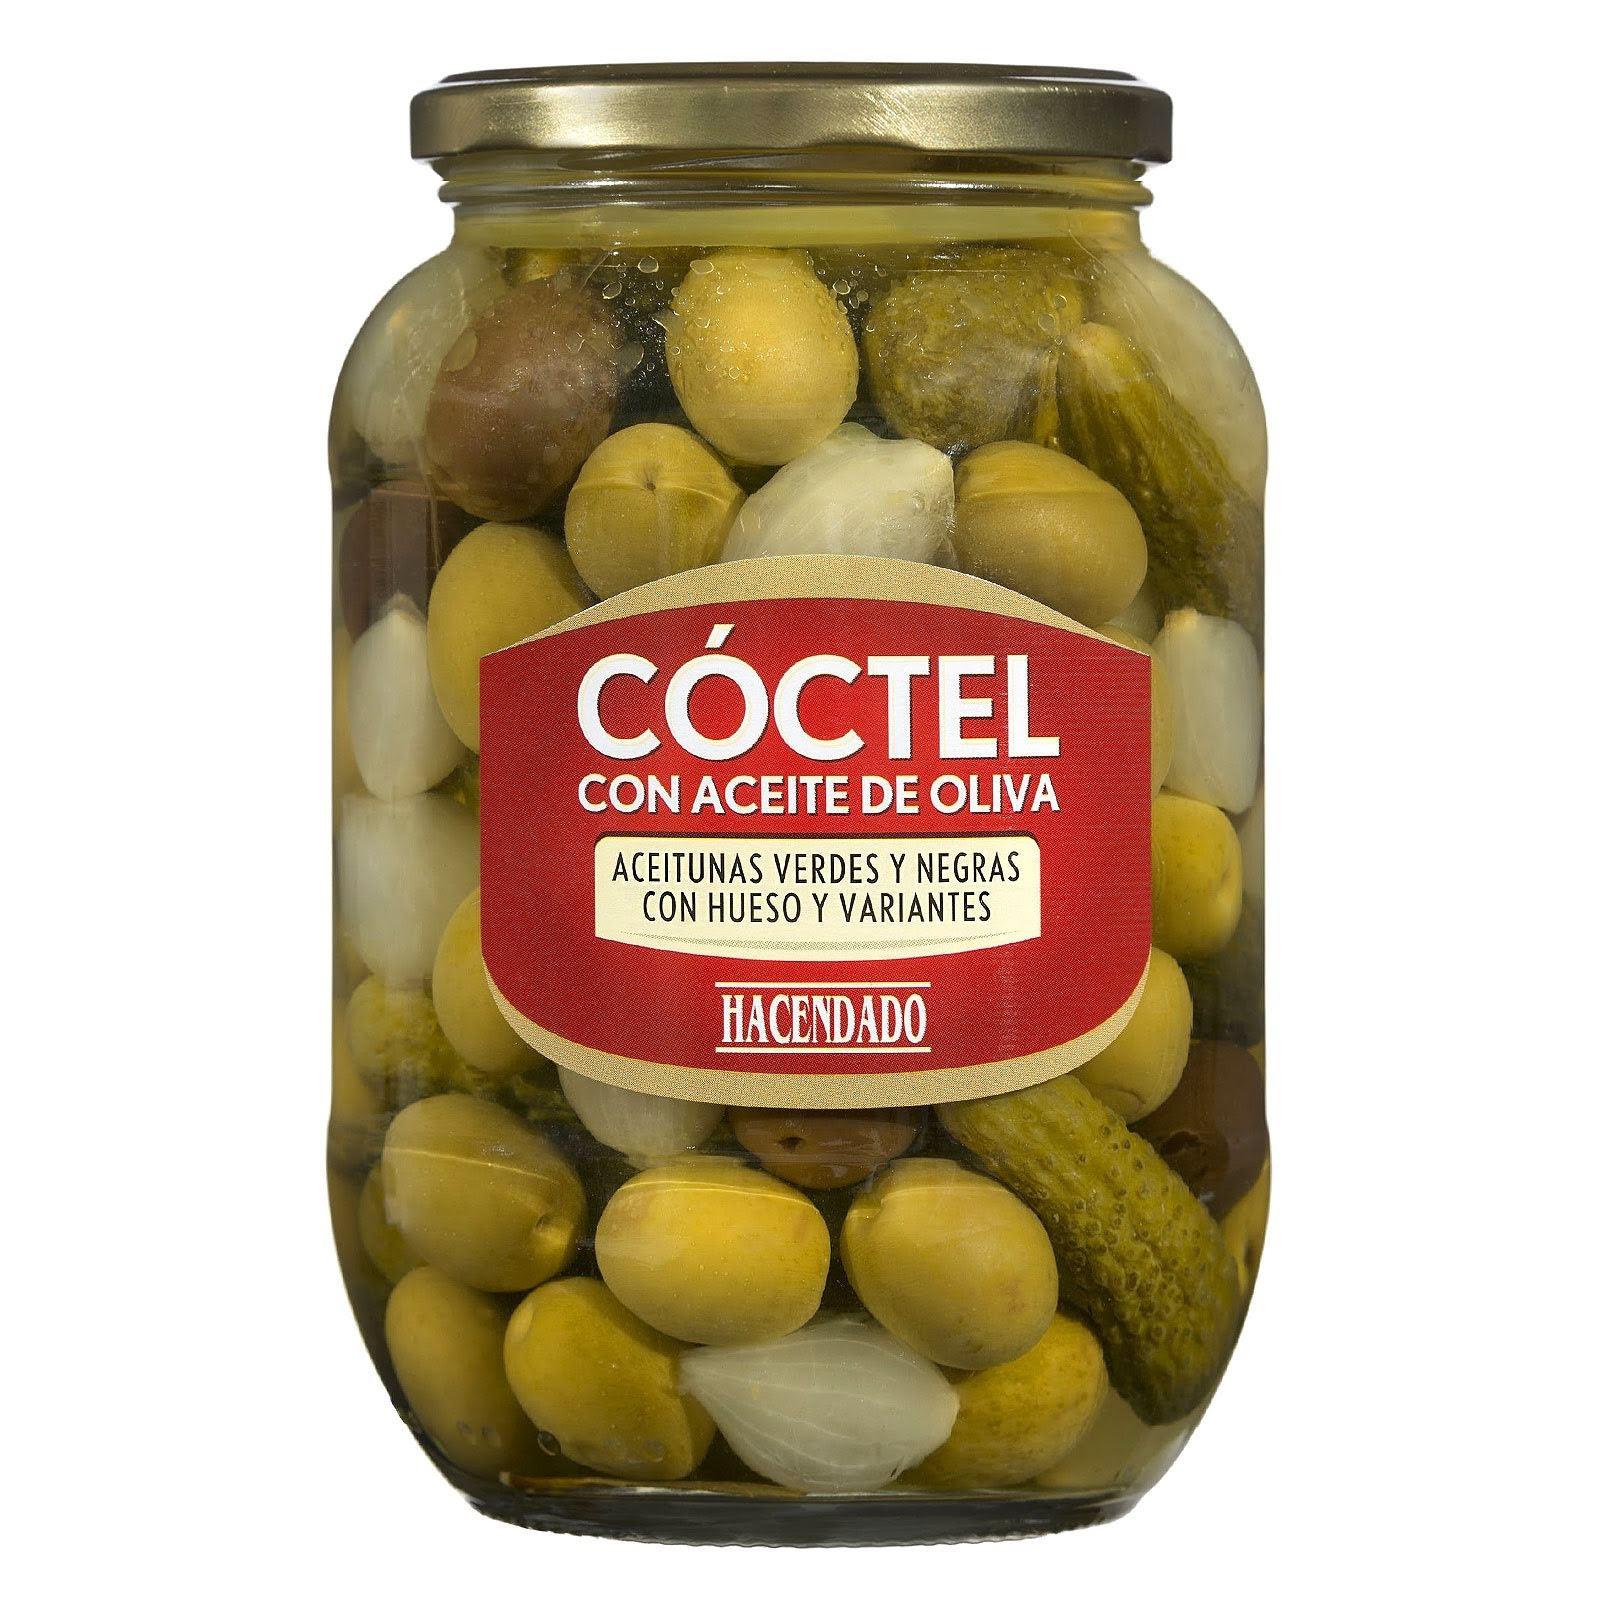 Cóctel con aceite de oliva de aceitunas verdes y negras con hueso y variantes Hacendado